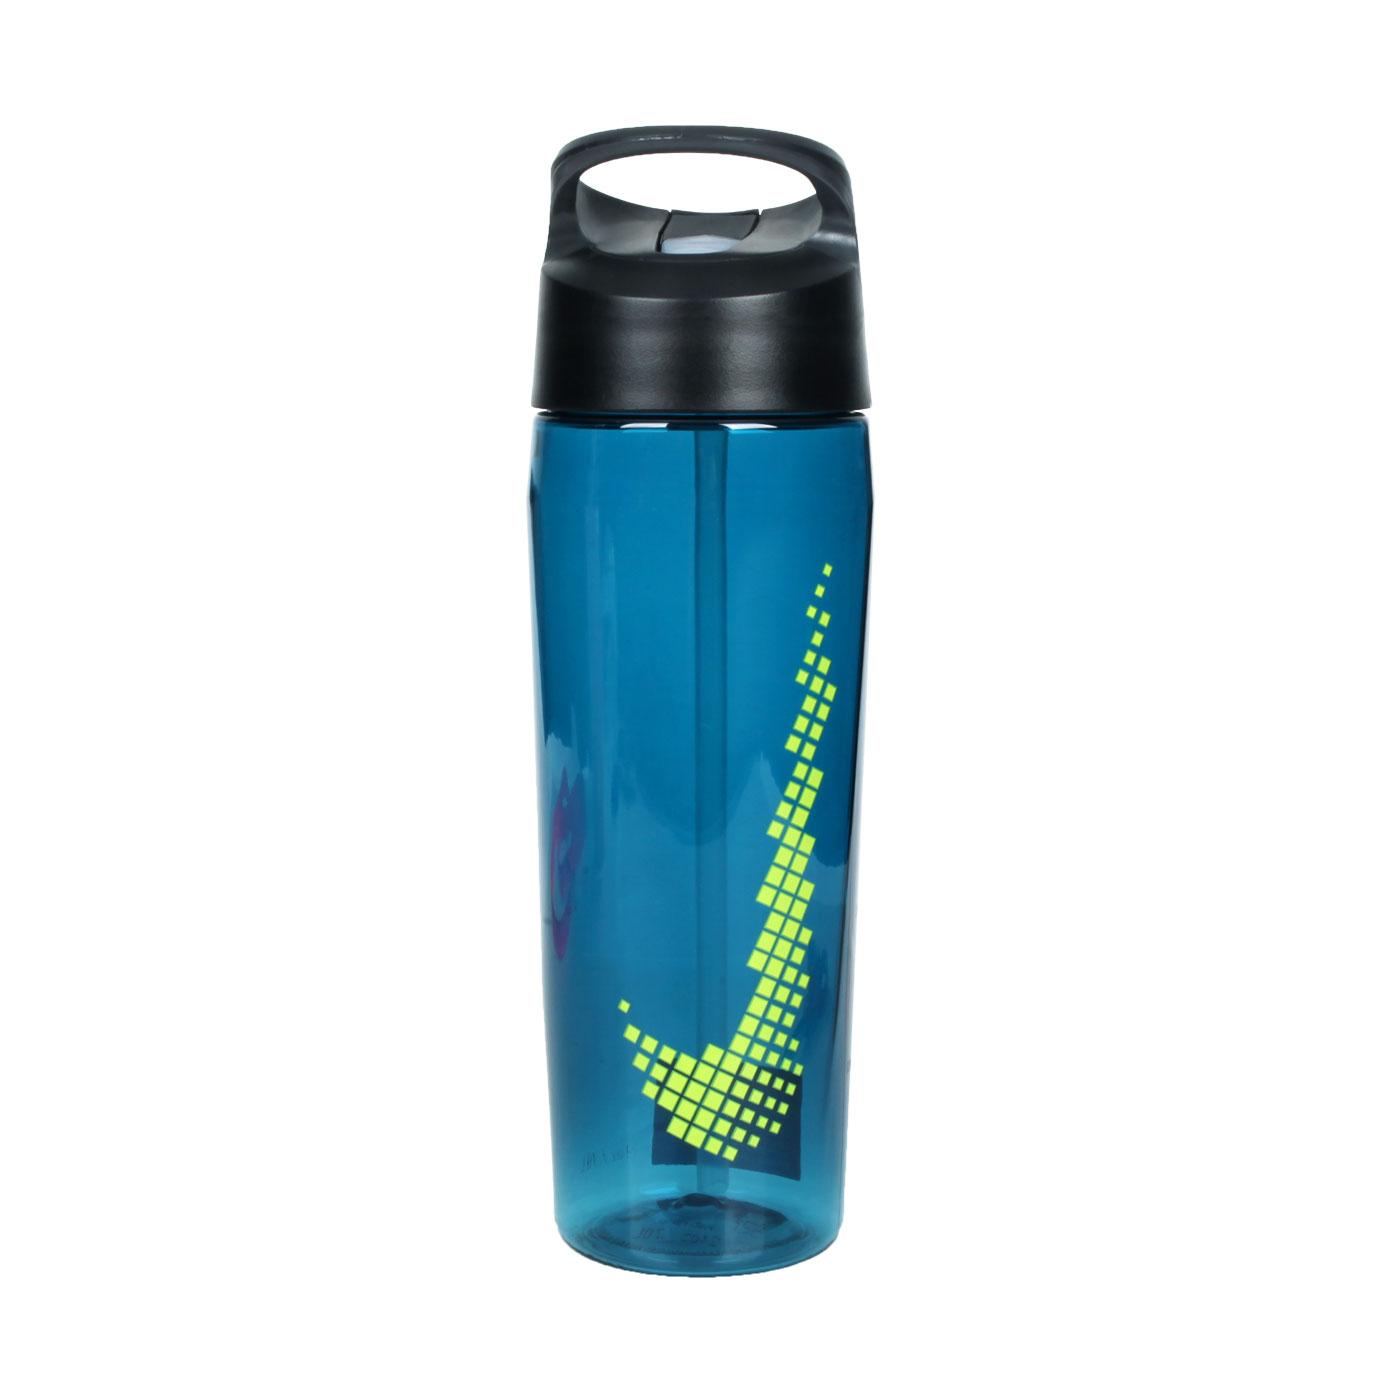 NIKE 吸管水壺24OZ N000003430924 - 藍綠